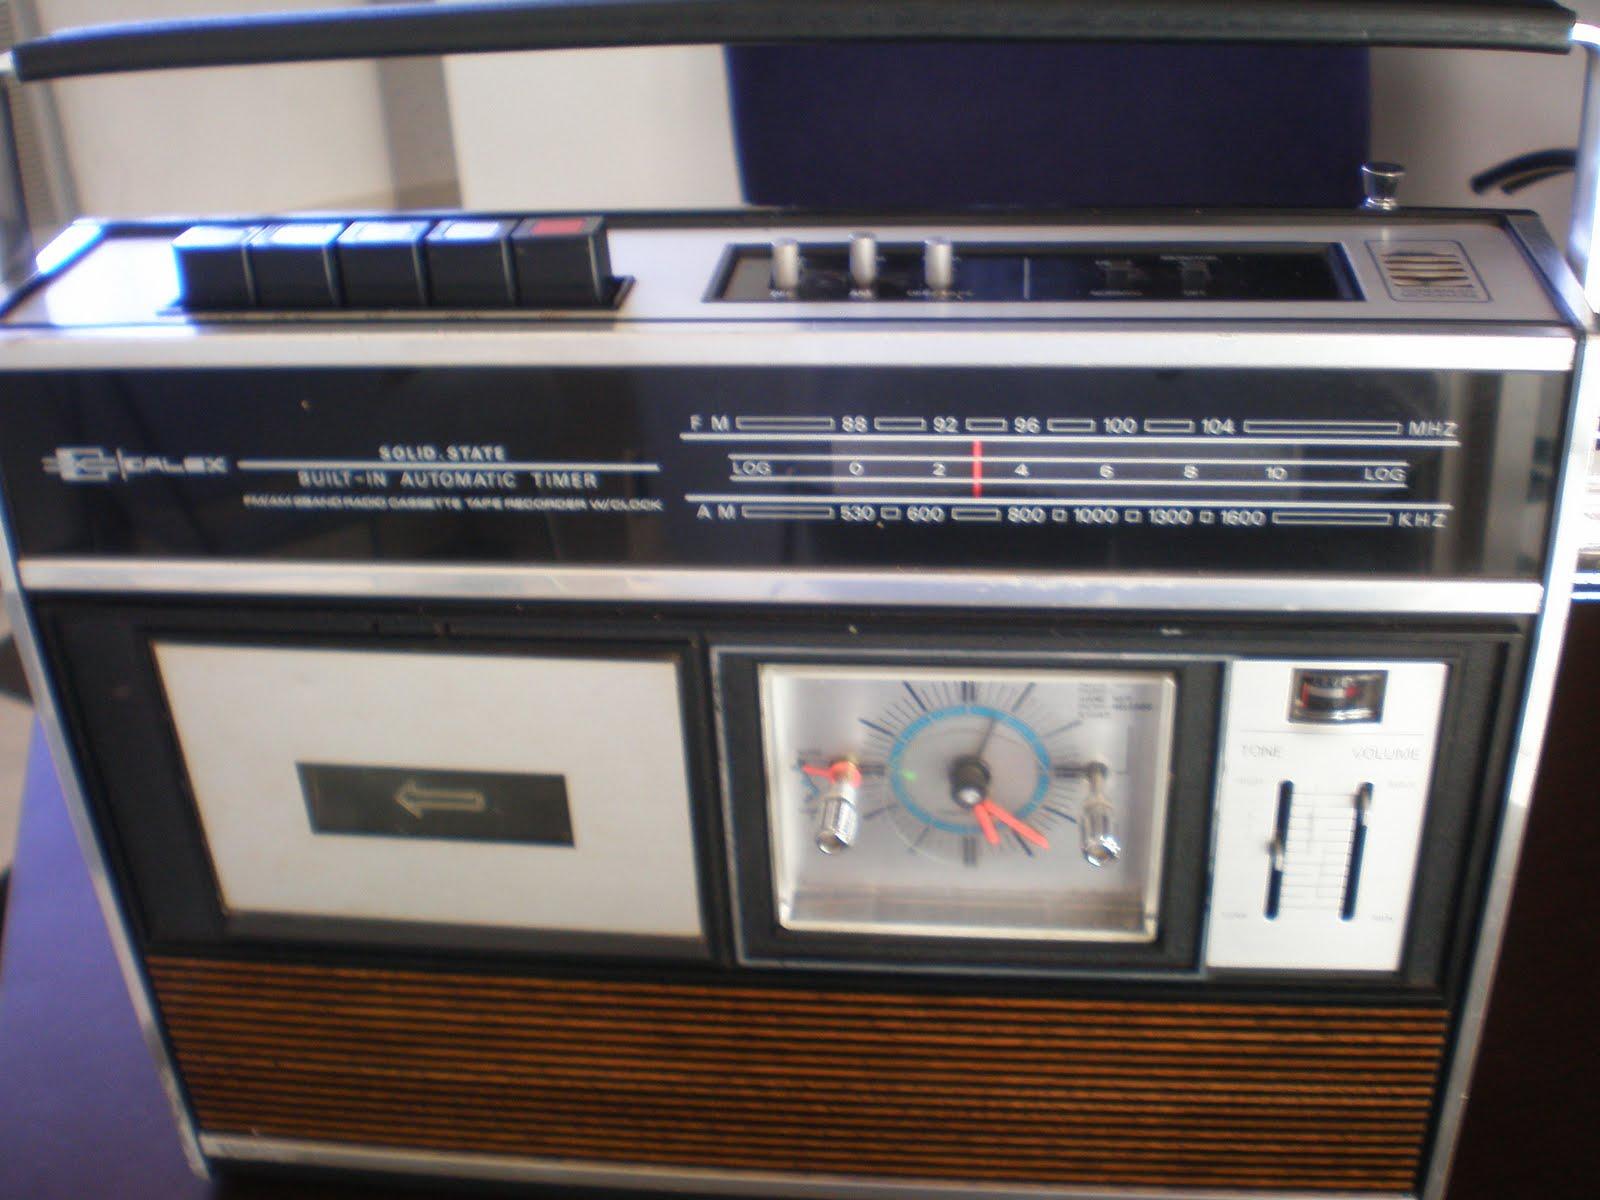 26aa4299860 AM DE 1530 A 1600. KHZ. FM DE 76 A 104 MHZ. MODEL TDK-791 ANO DE FABRICADO  EM1963 NO JAPÃO. RECORDER CLOCK ,LINDÍSSIMO RADIO GRAVADOR COM RELÓGIO A ...